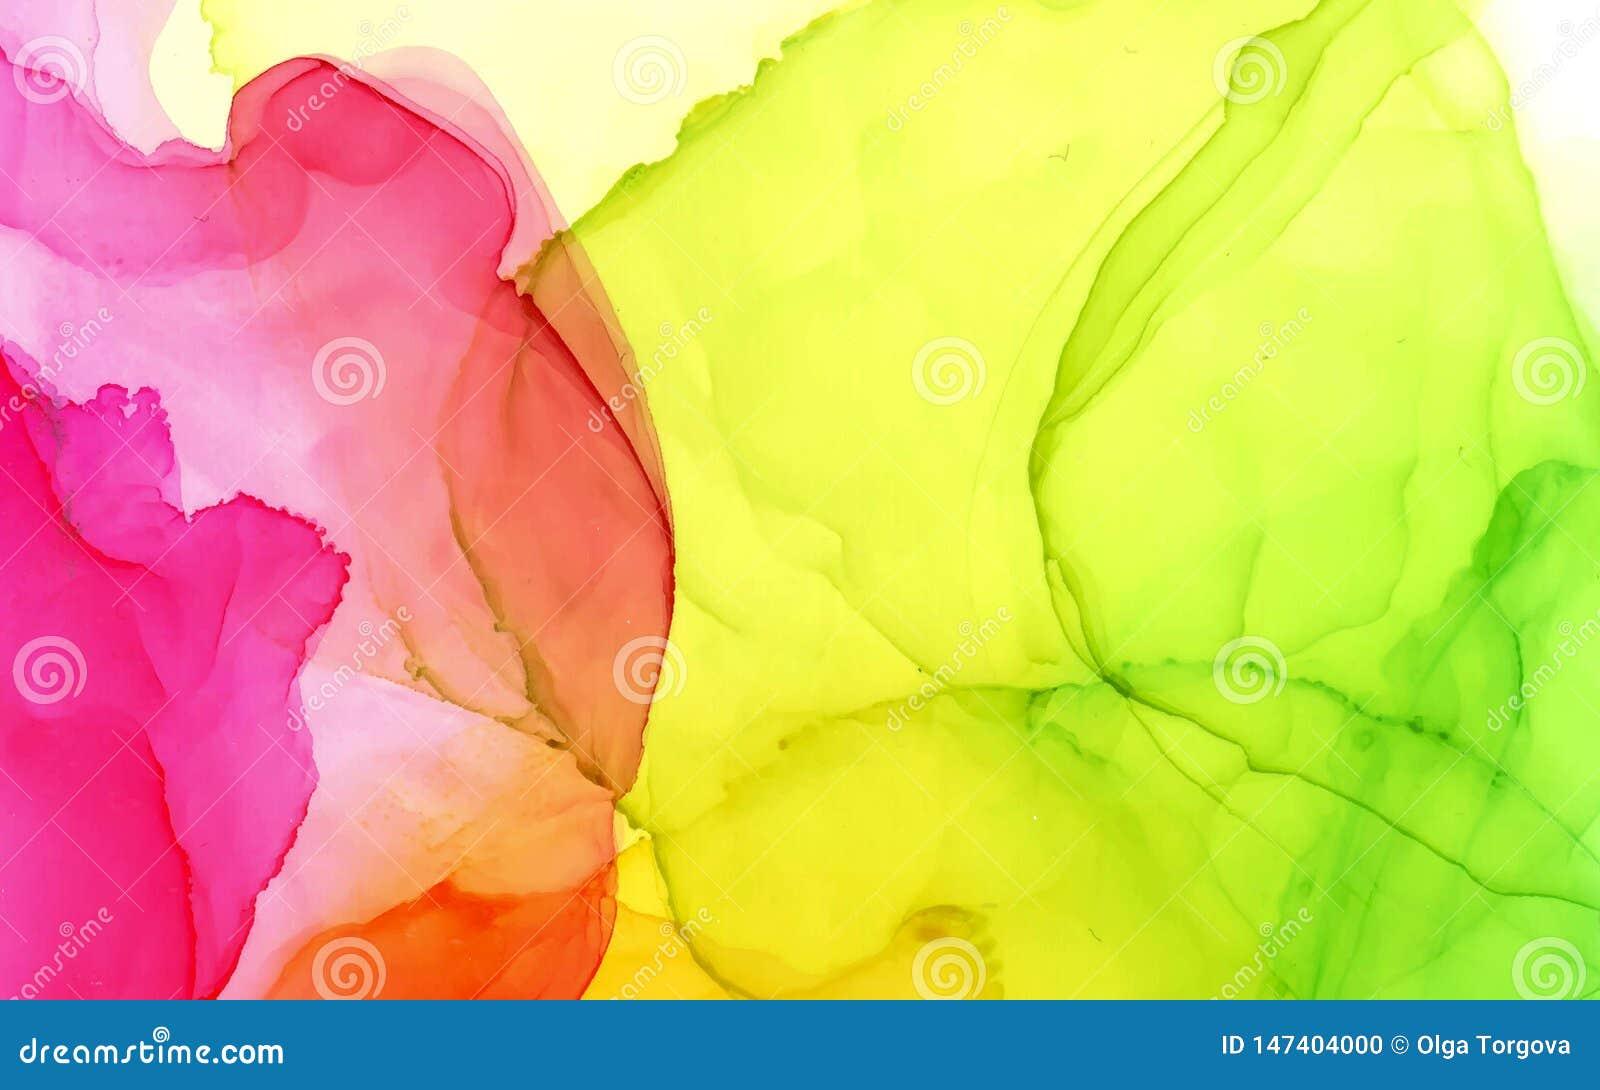 Fondo abstracto del color brillante del vector de la tinta del alcohol